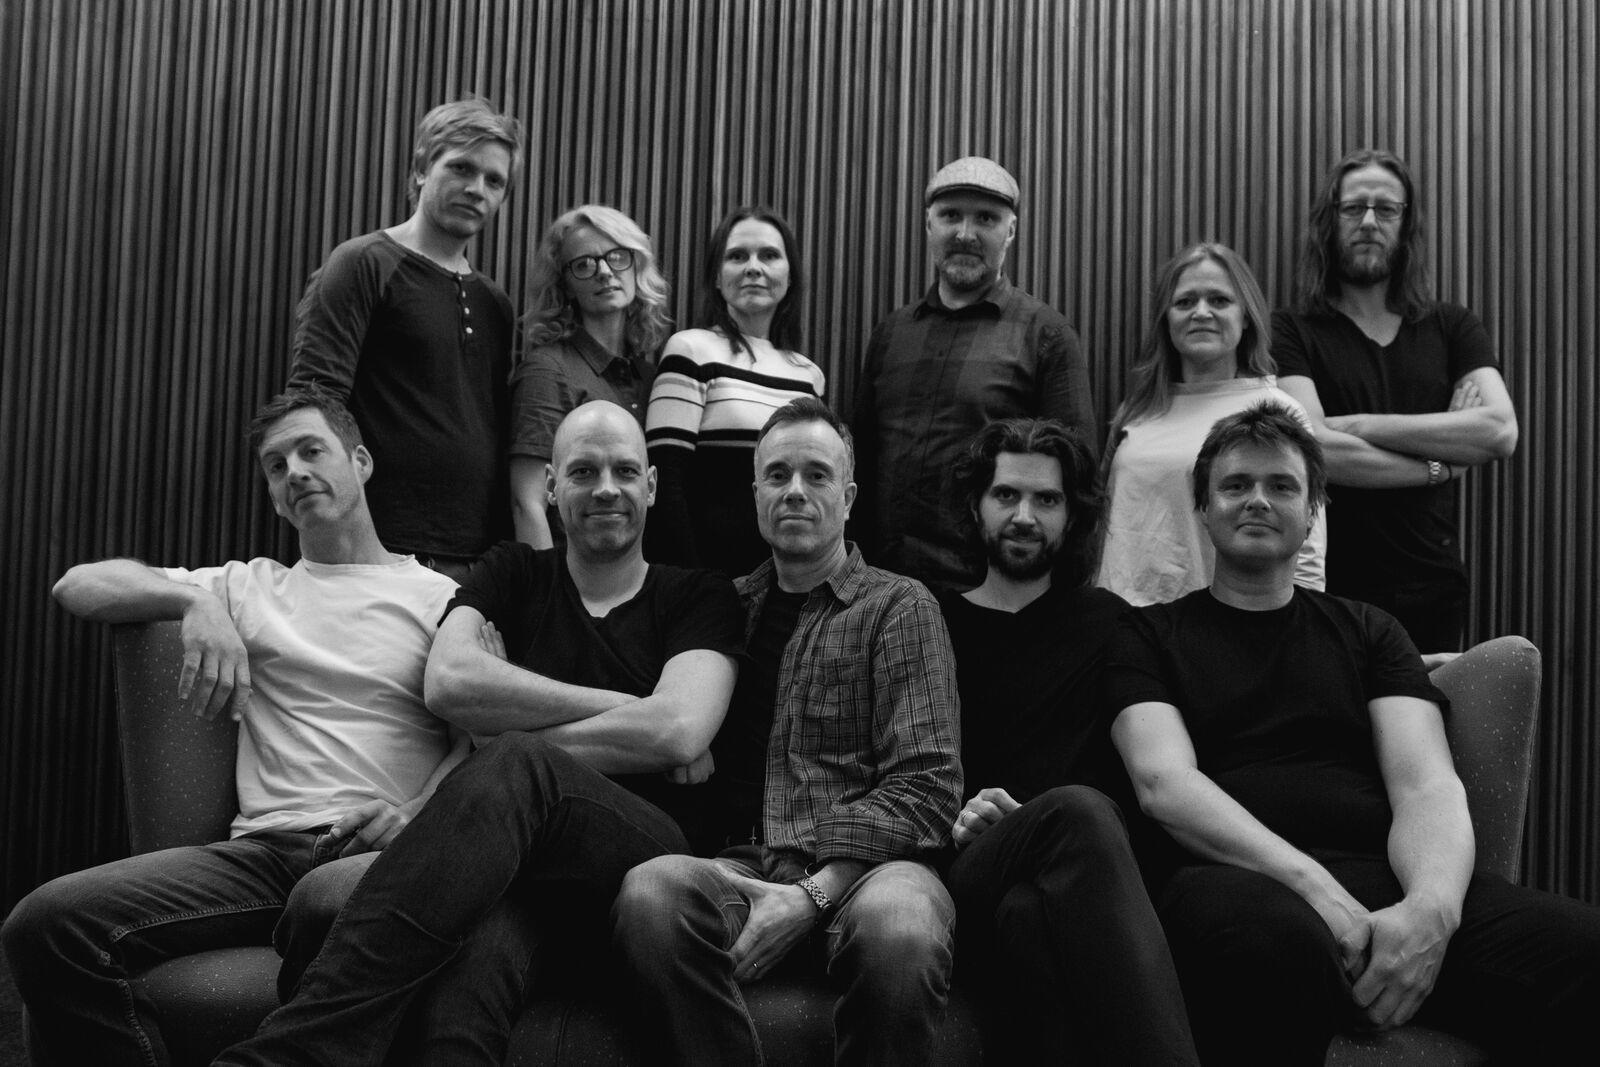 PUST med gjestemusikere og produsenter. Foran fra venstre: Knut Aalefjær, Jussi Chydenius, Øystein Halvorsen, Gjermund Larsen og Lars Andreas Haug. (Foto: Sindre Aalberg)